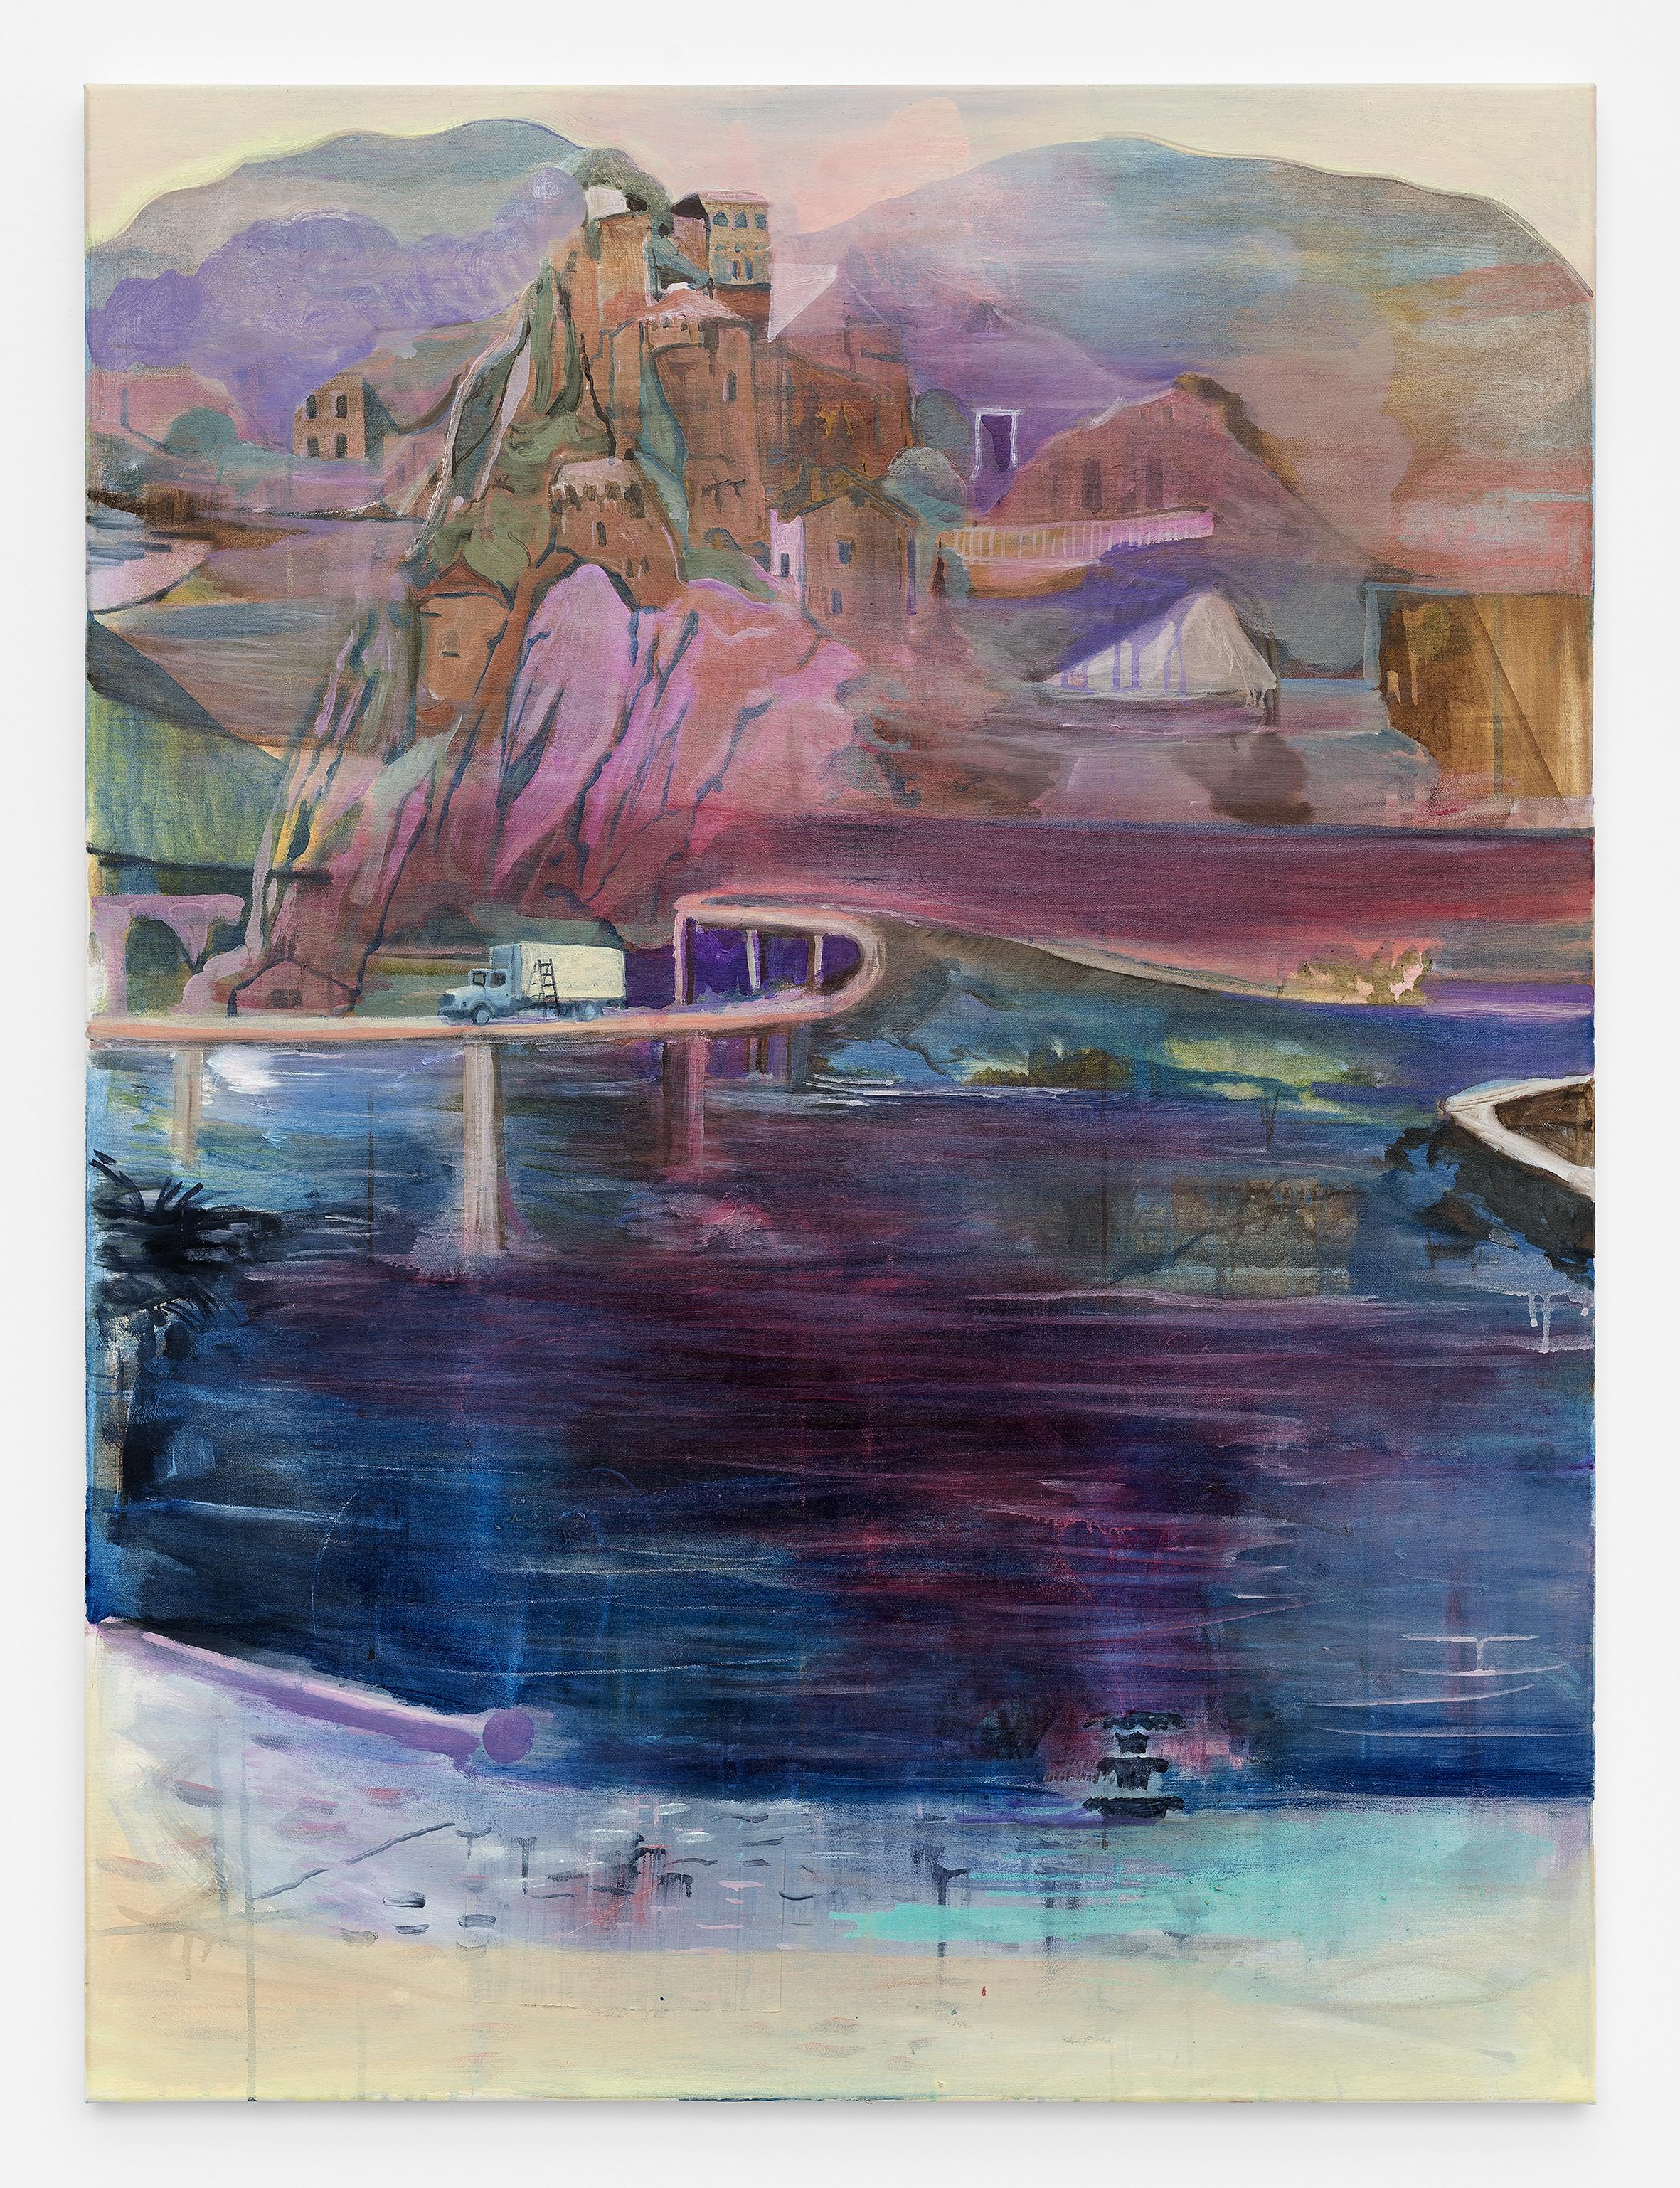 Break acrylic and oil on canvas, 121 x 90 cm 2017